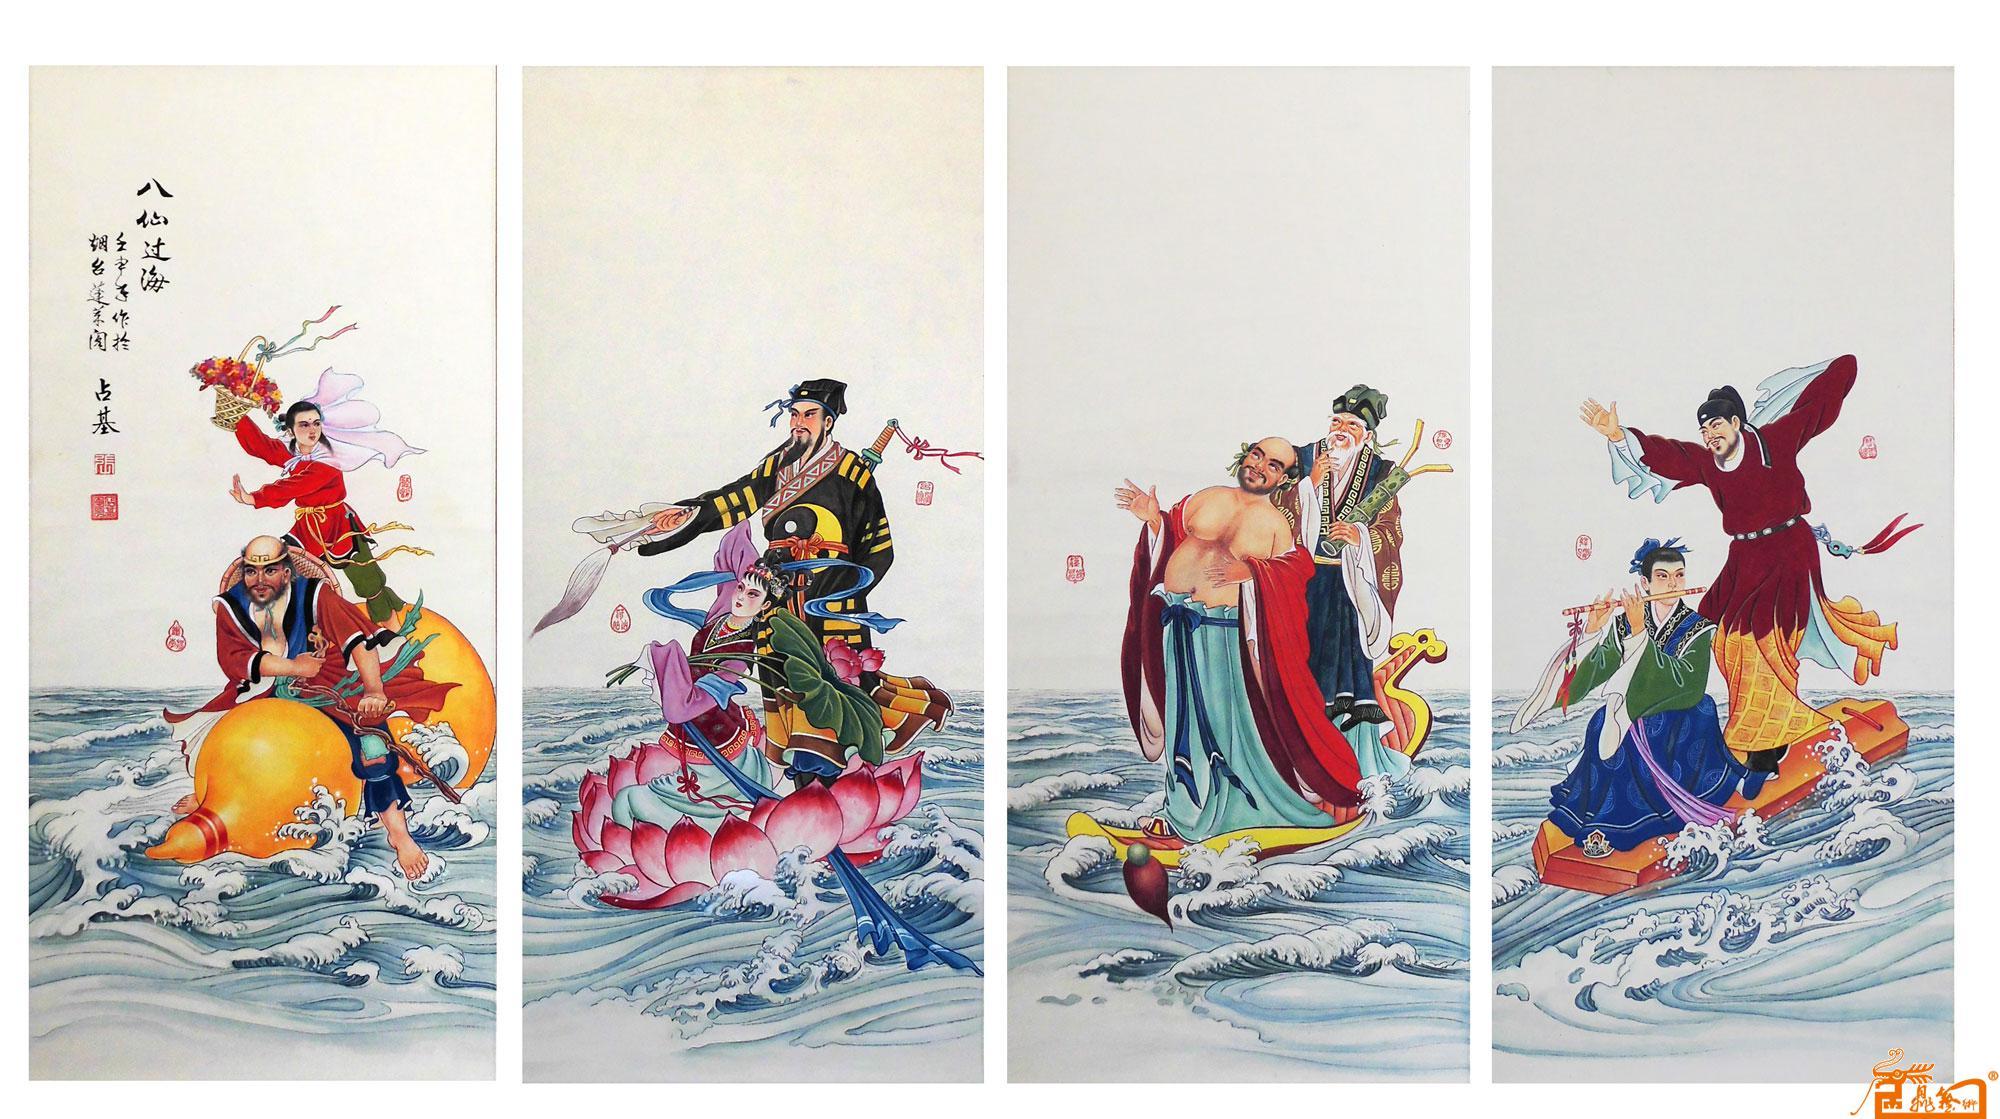 名家 张占基 国画 - 作品64八仙过海